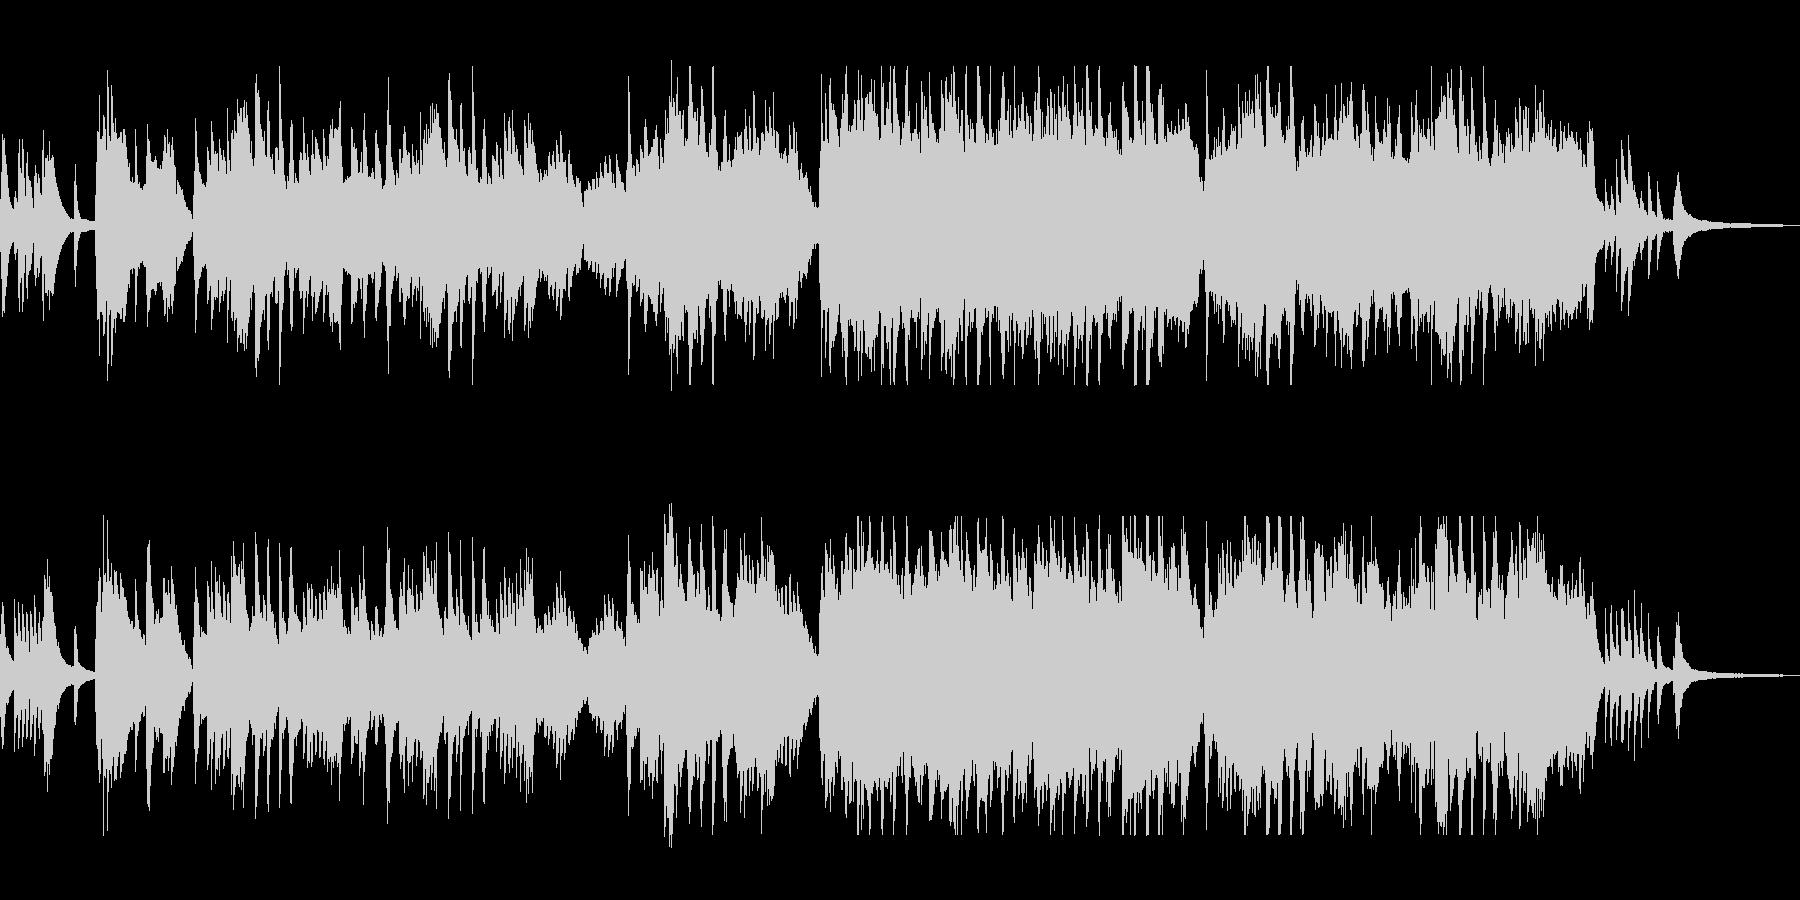 華麗でクラシカルなピアノバラードの未再生の波形